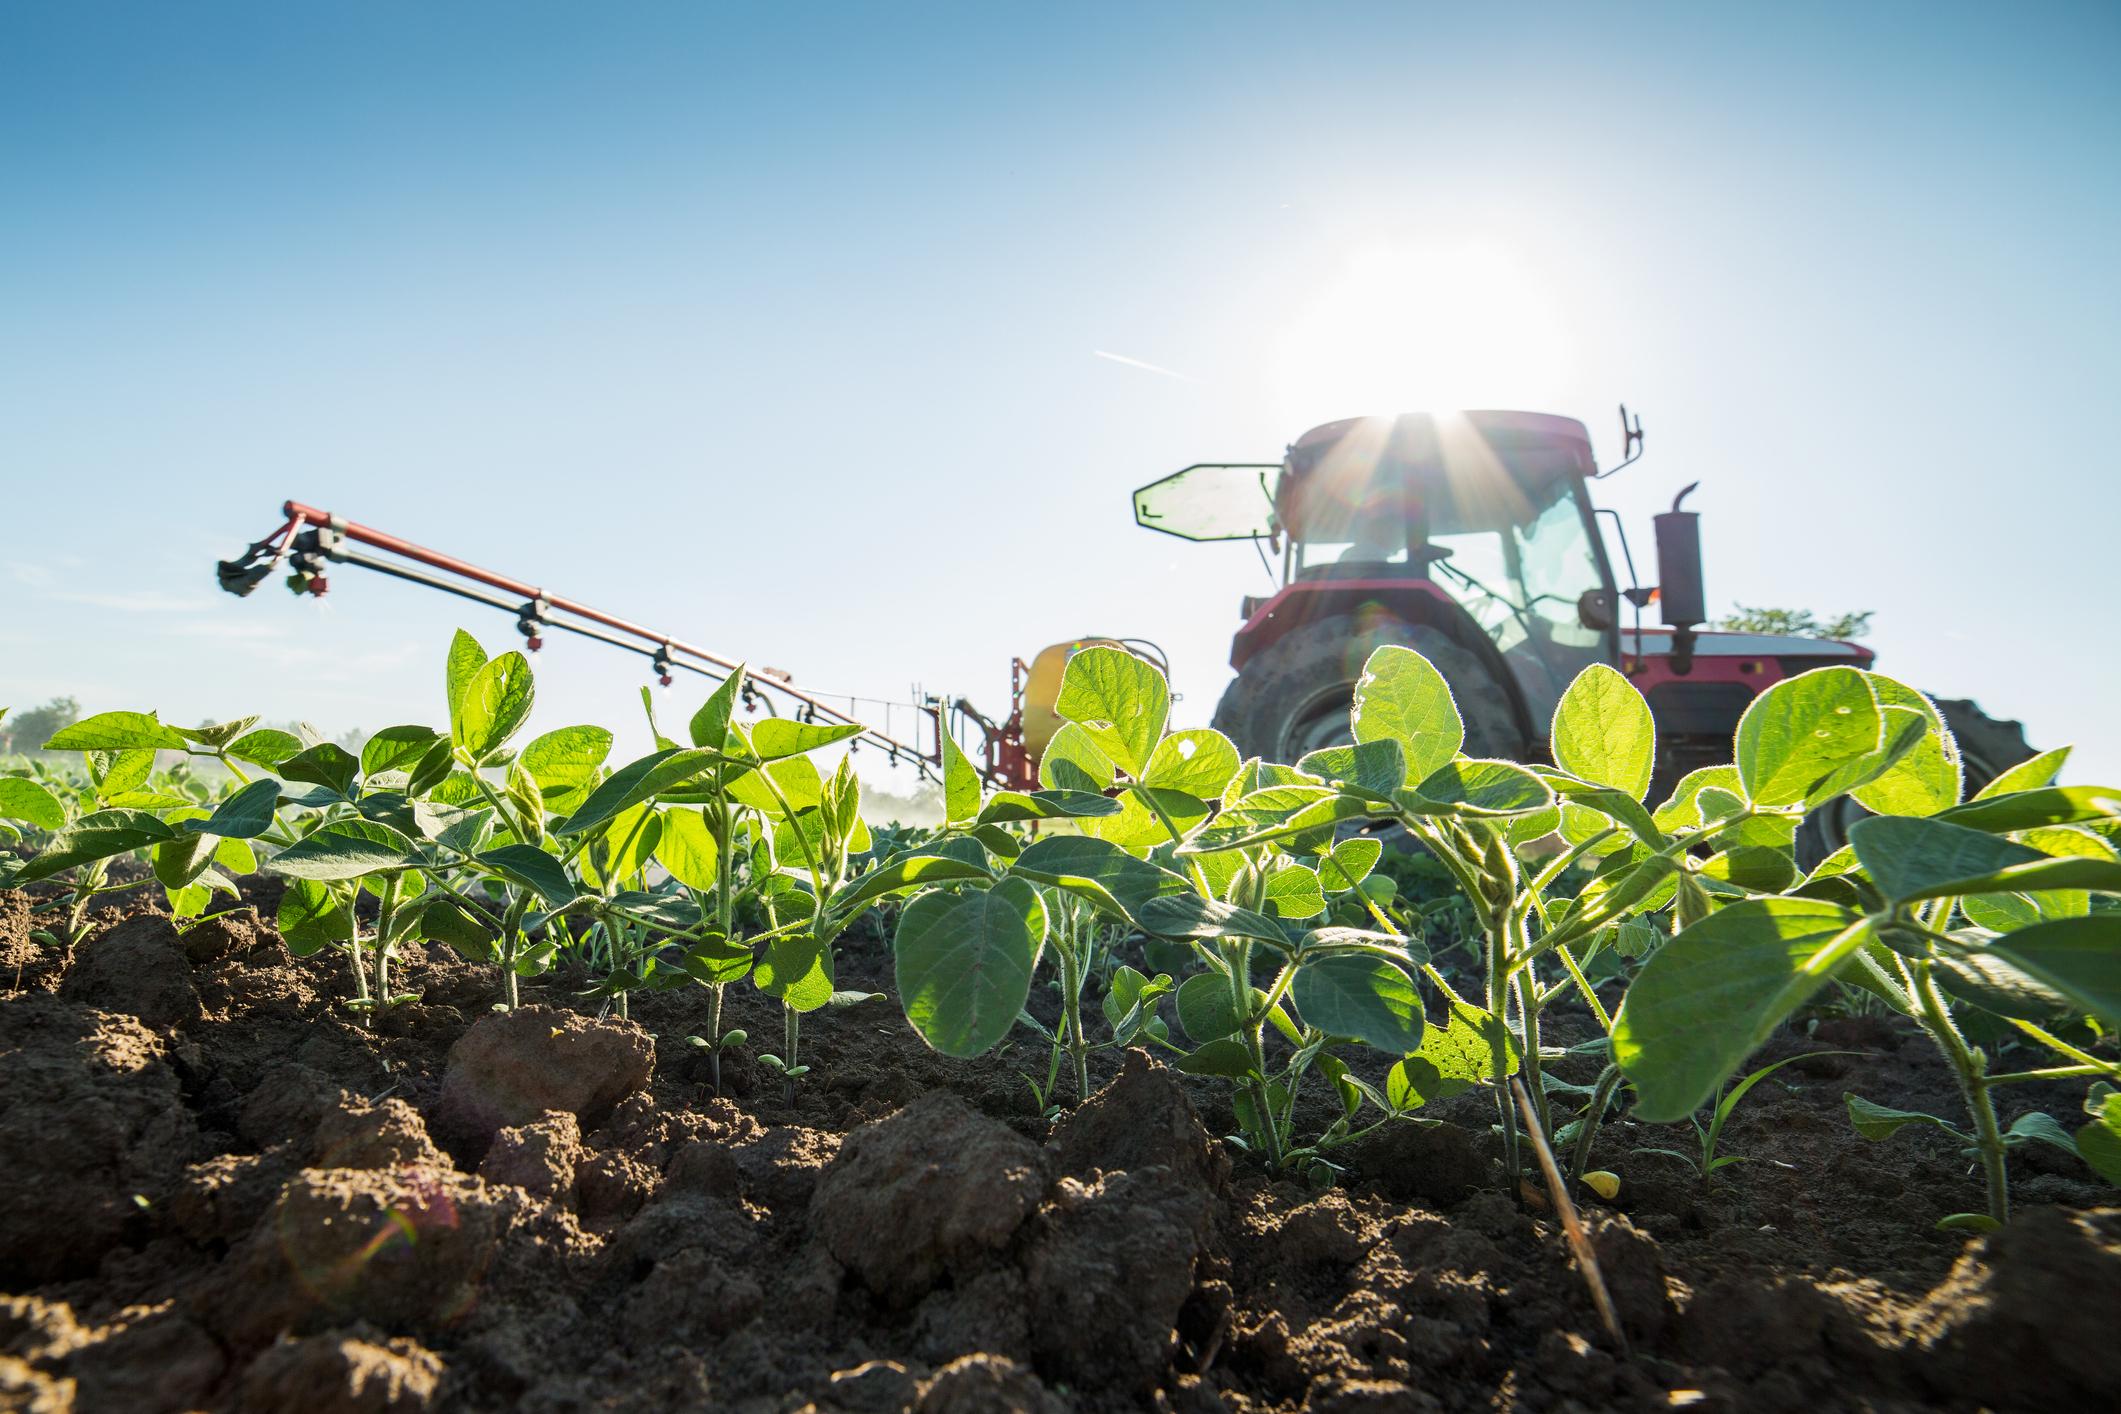 The dangerous link between herbicide and Parkinson's